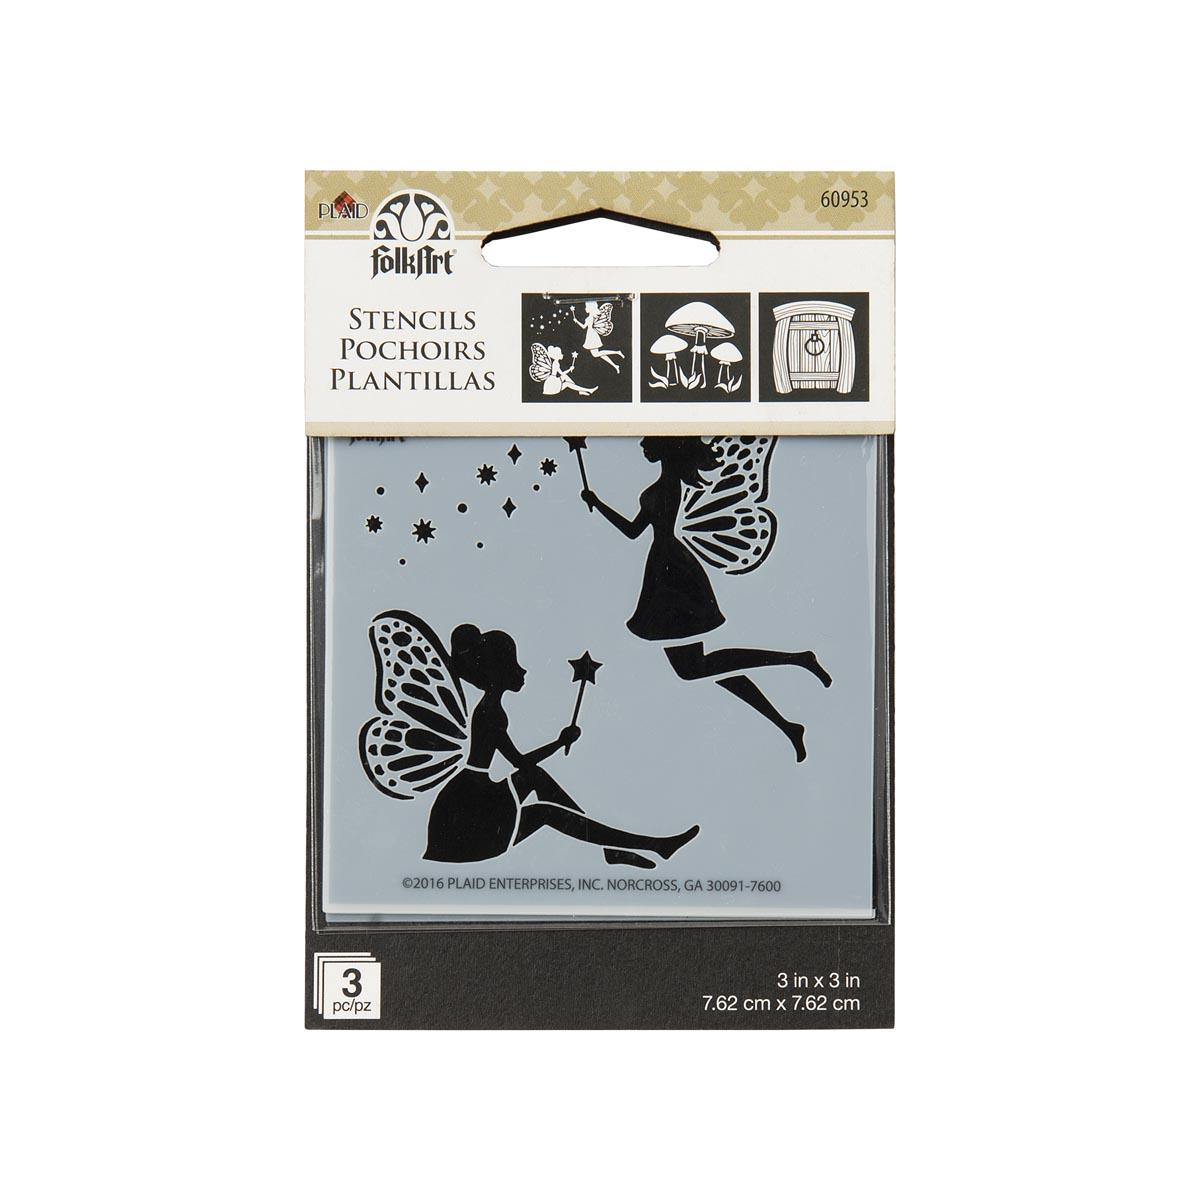 FolkArt ® Painting Stencils - Mini - Fairies & Mushrooms - 60953